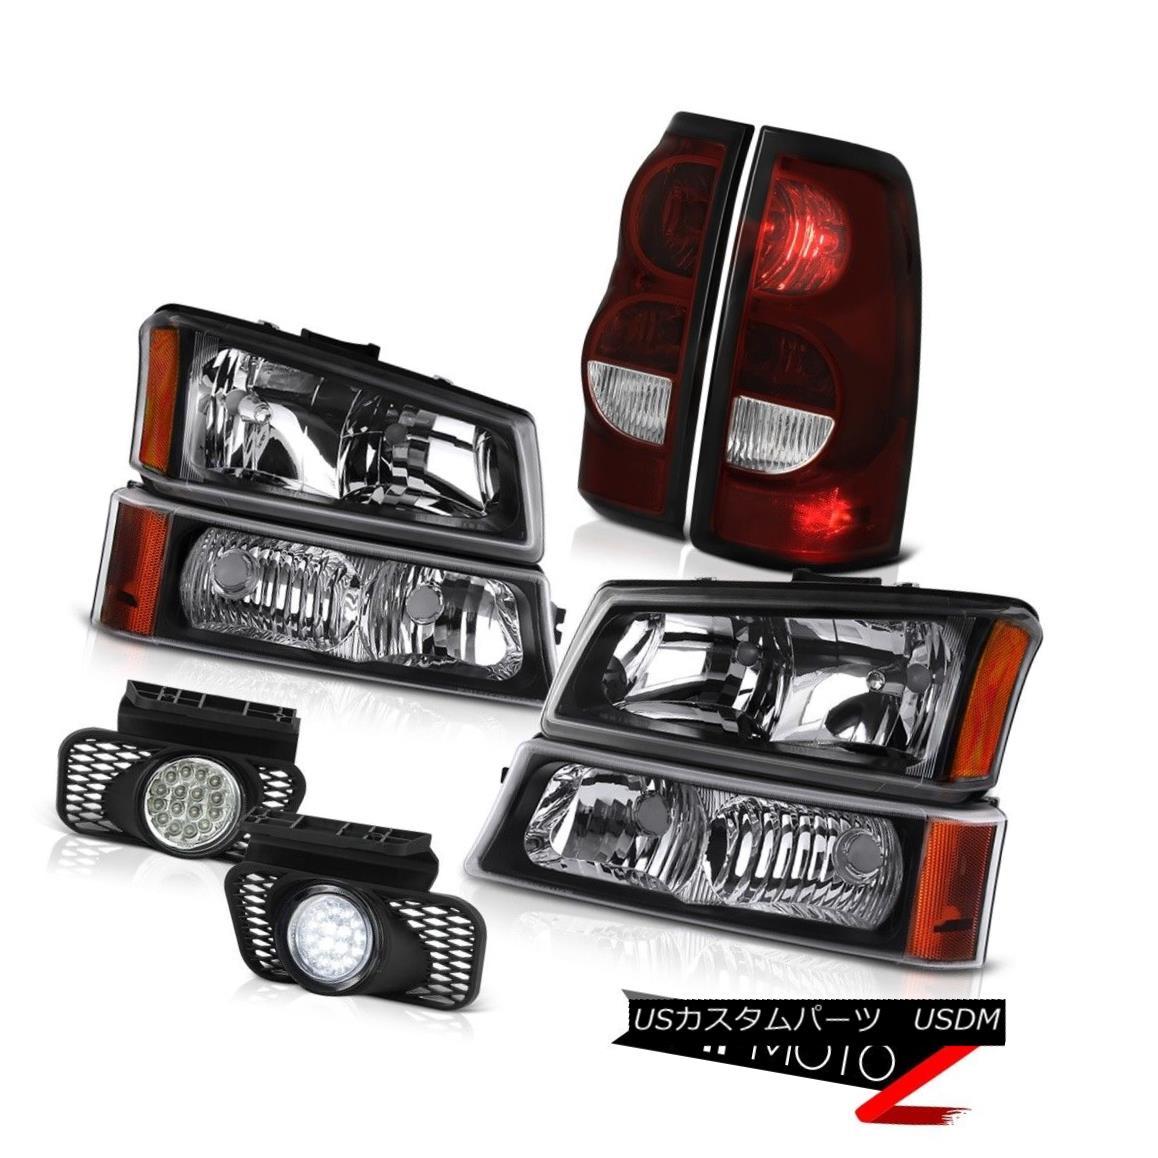 ヘッドライト 03-06 Chevy Silverado Foglamps Tail Lights Infinity Black Signal Lamp Headlights 03-06 Chevy Silveradoフォグランプテールライトインフィニティブラックシグナルランプヘッドライト